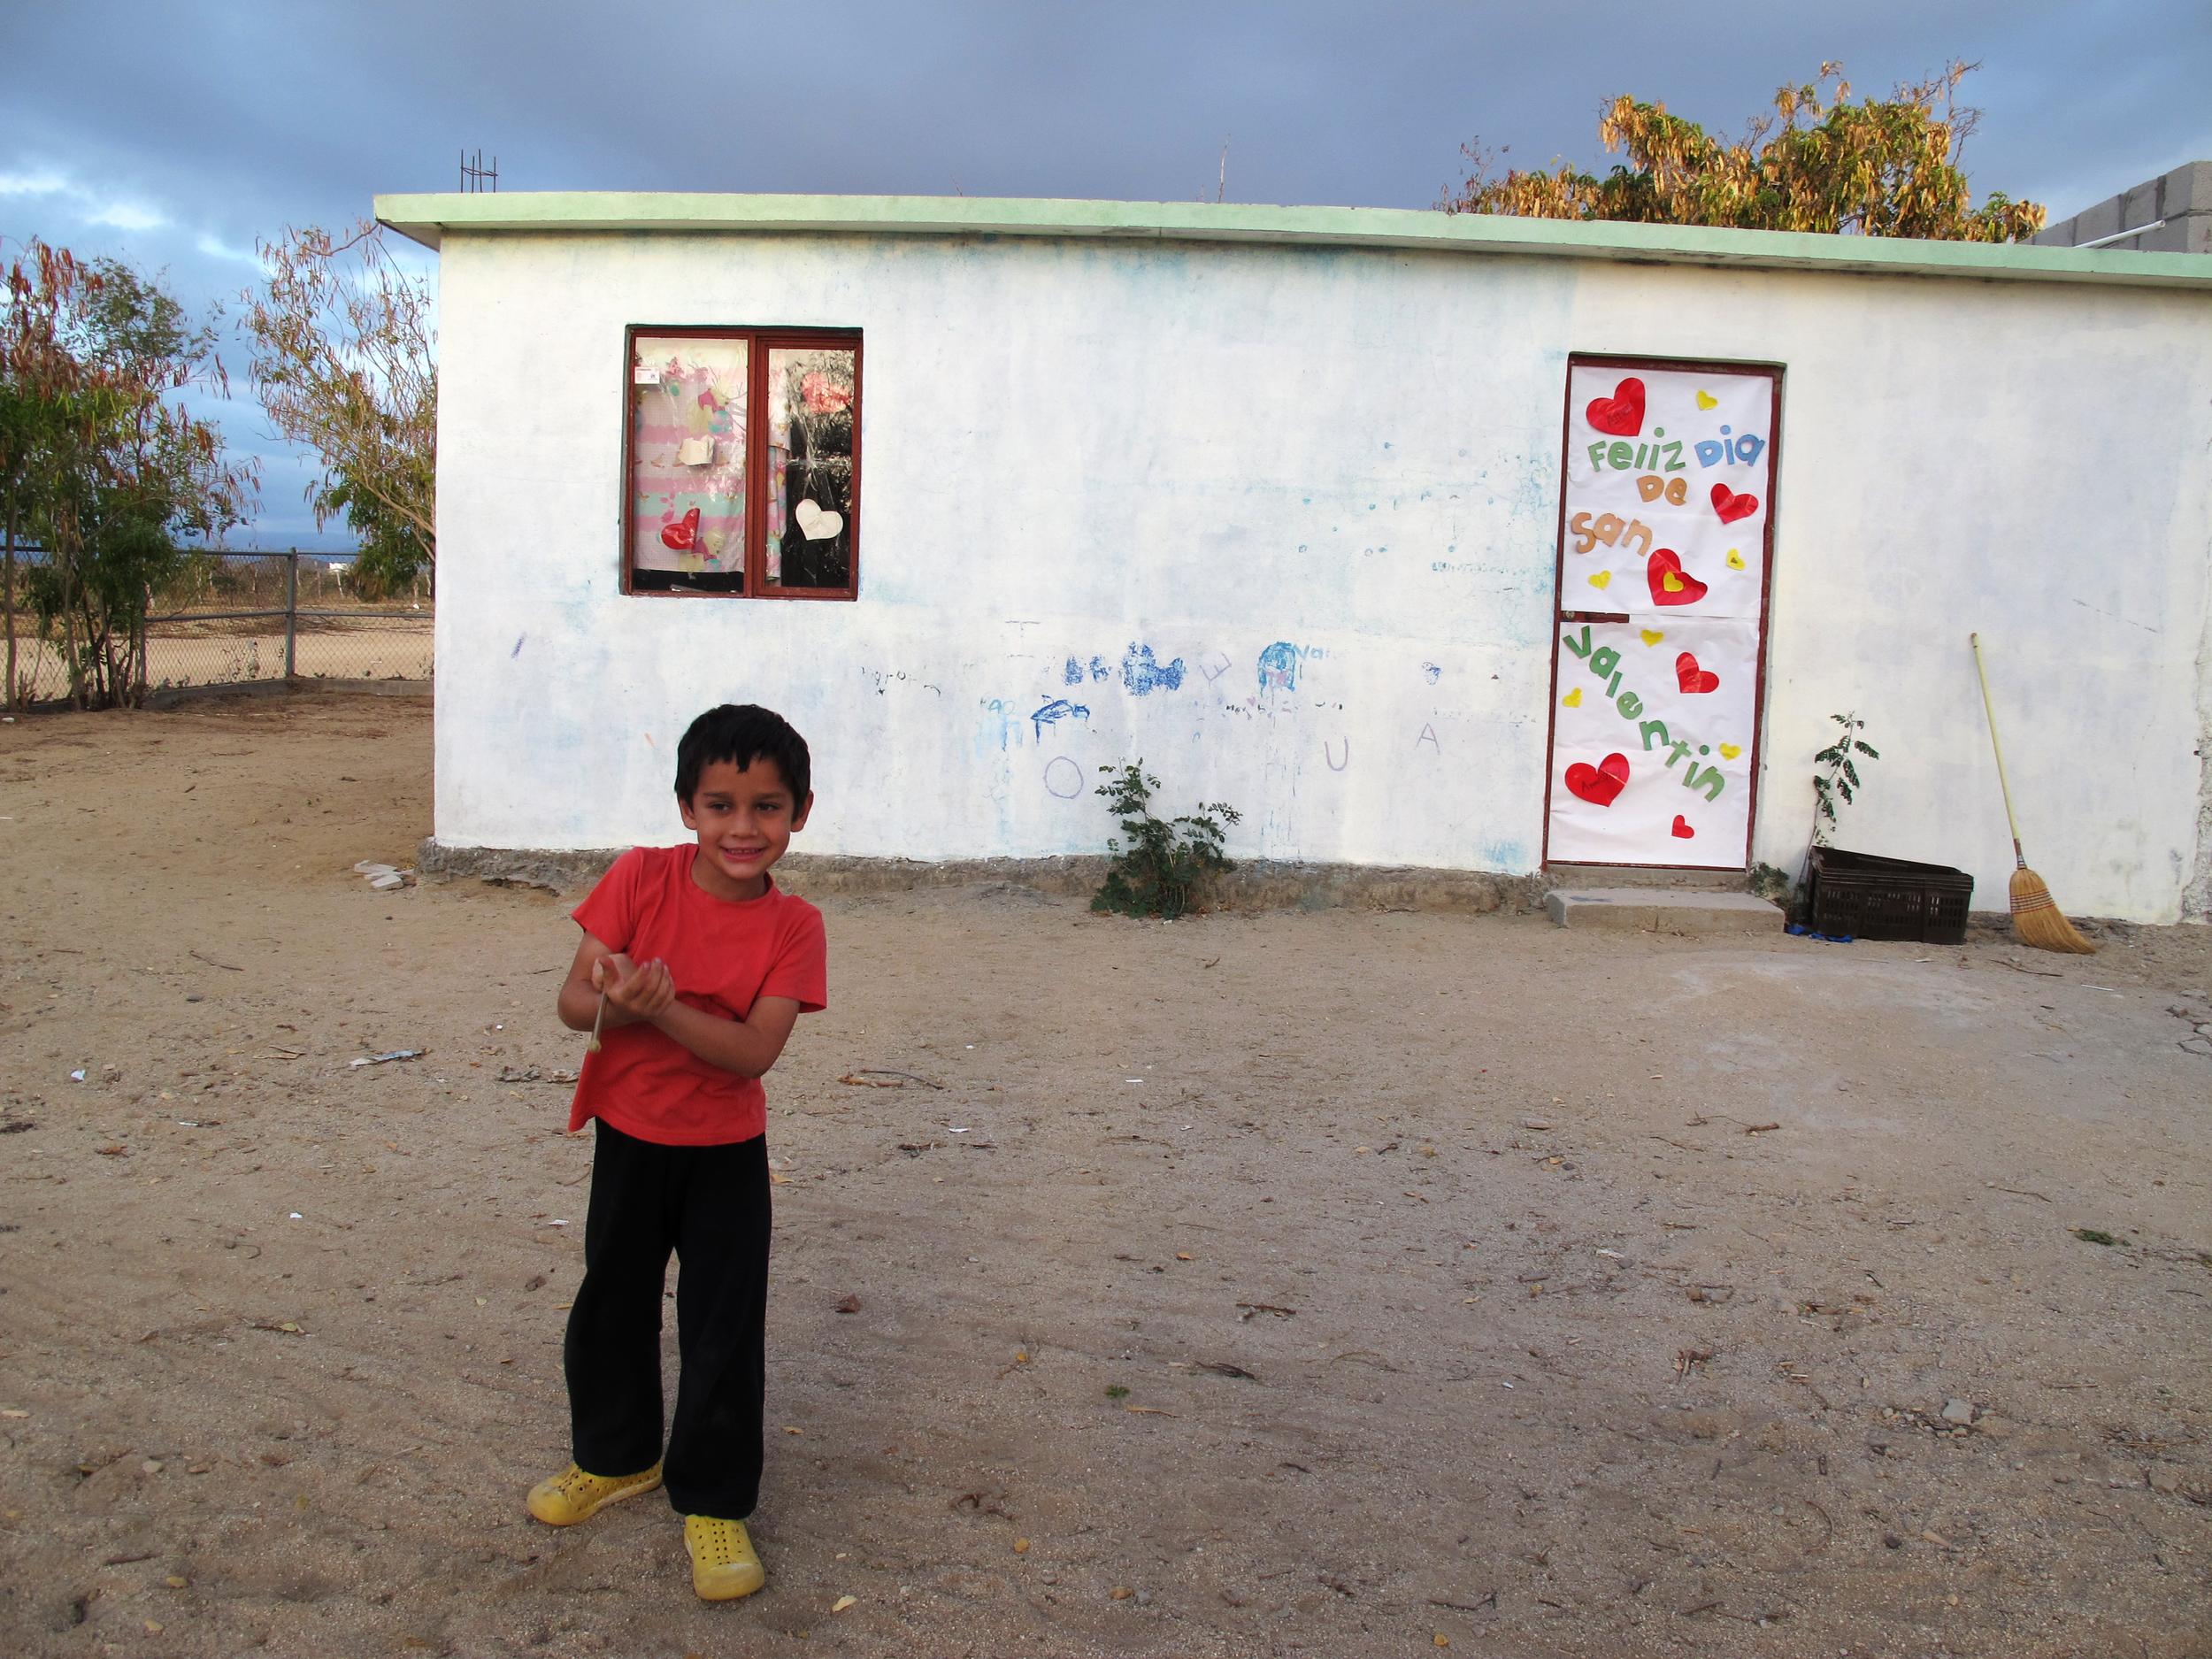 Emilio in front of school